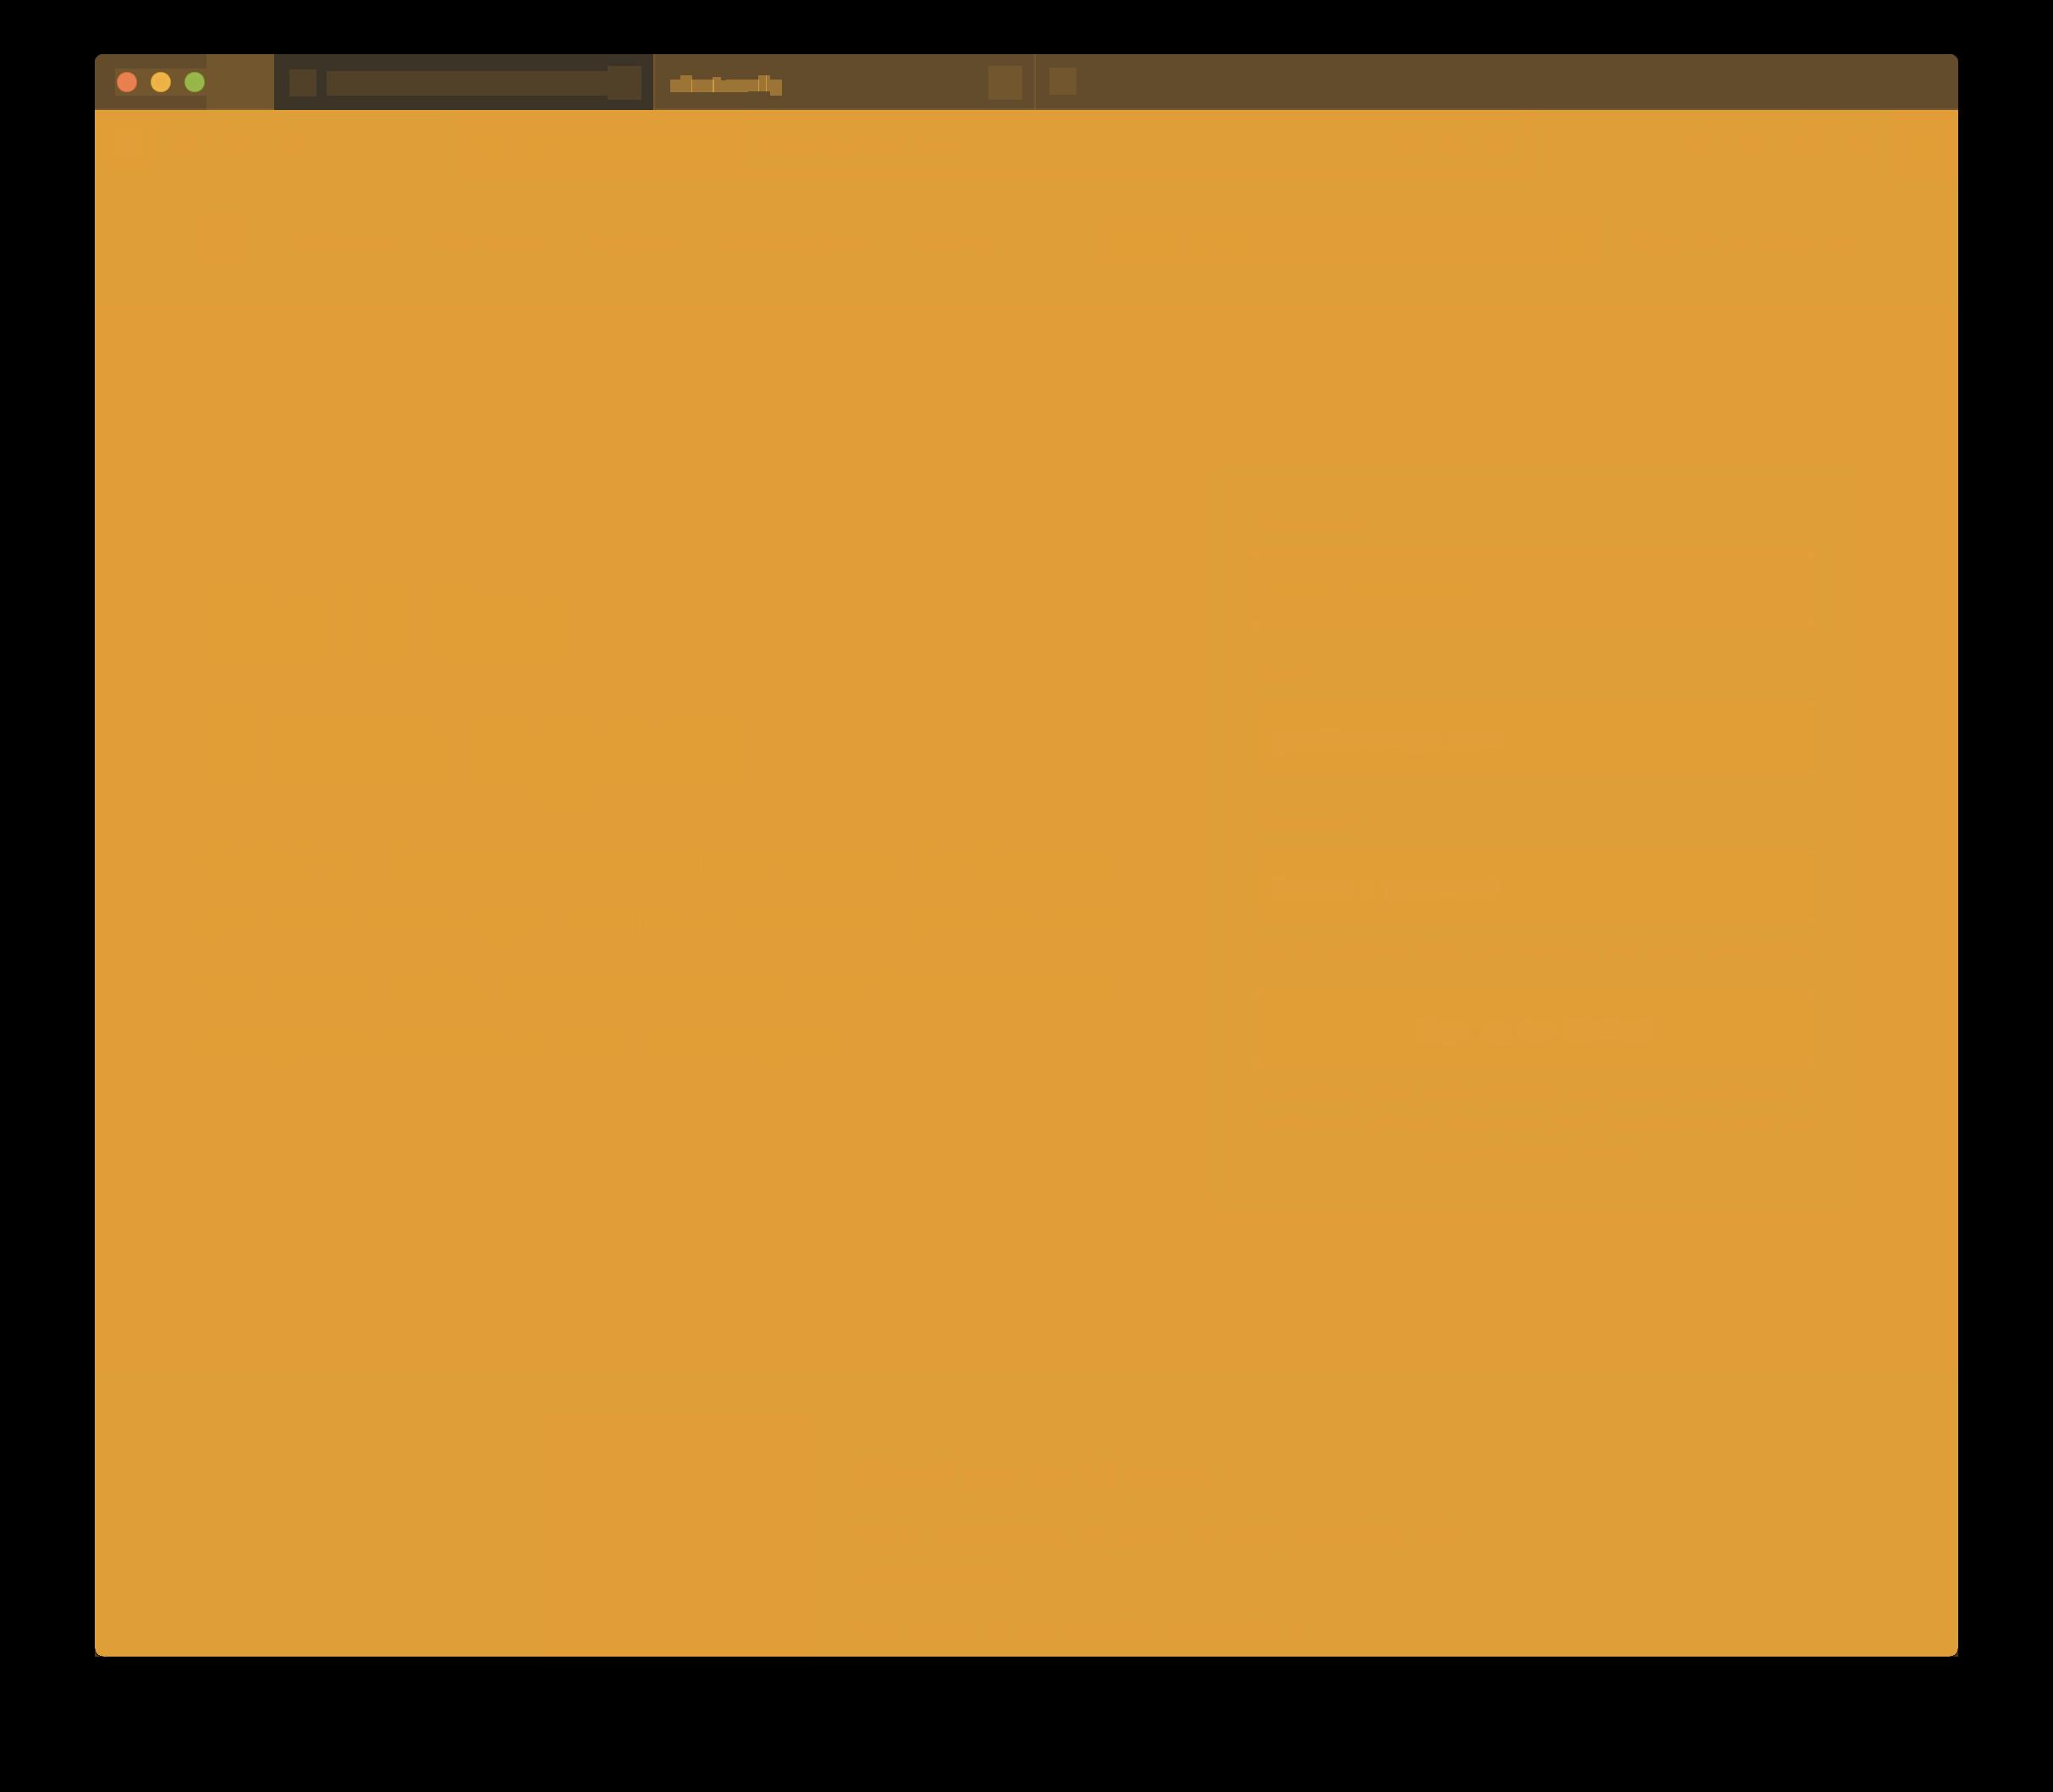 screen shot 2018-08-10 at 12 01 51 pm